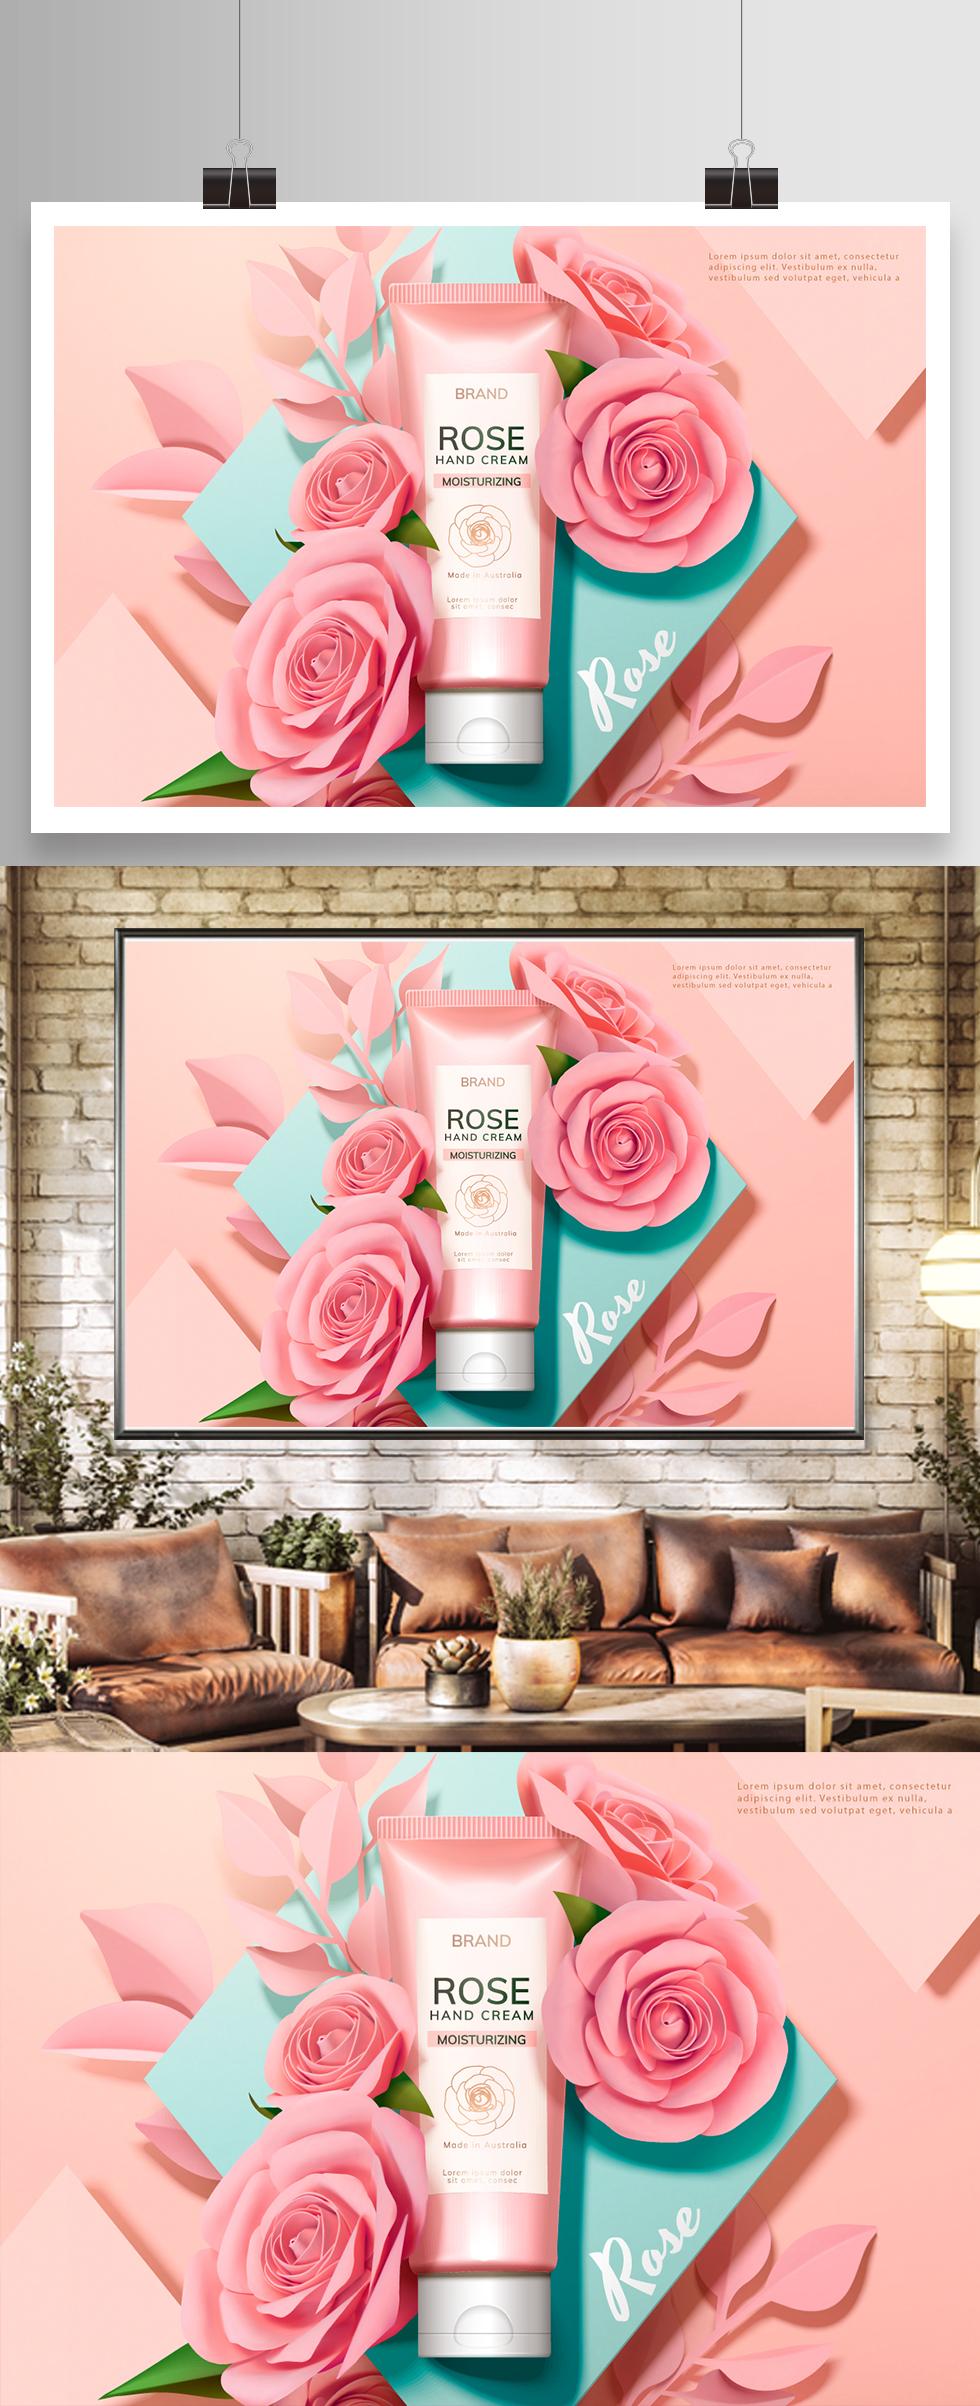 矢量高端粉色玫瑰花洗面奶海报